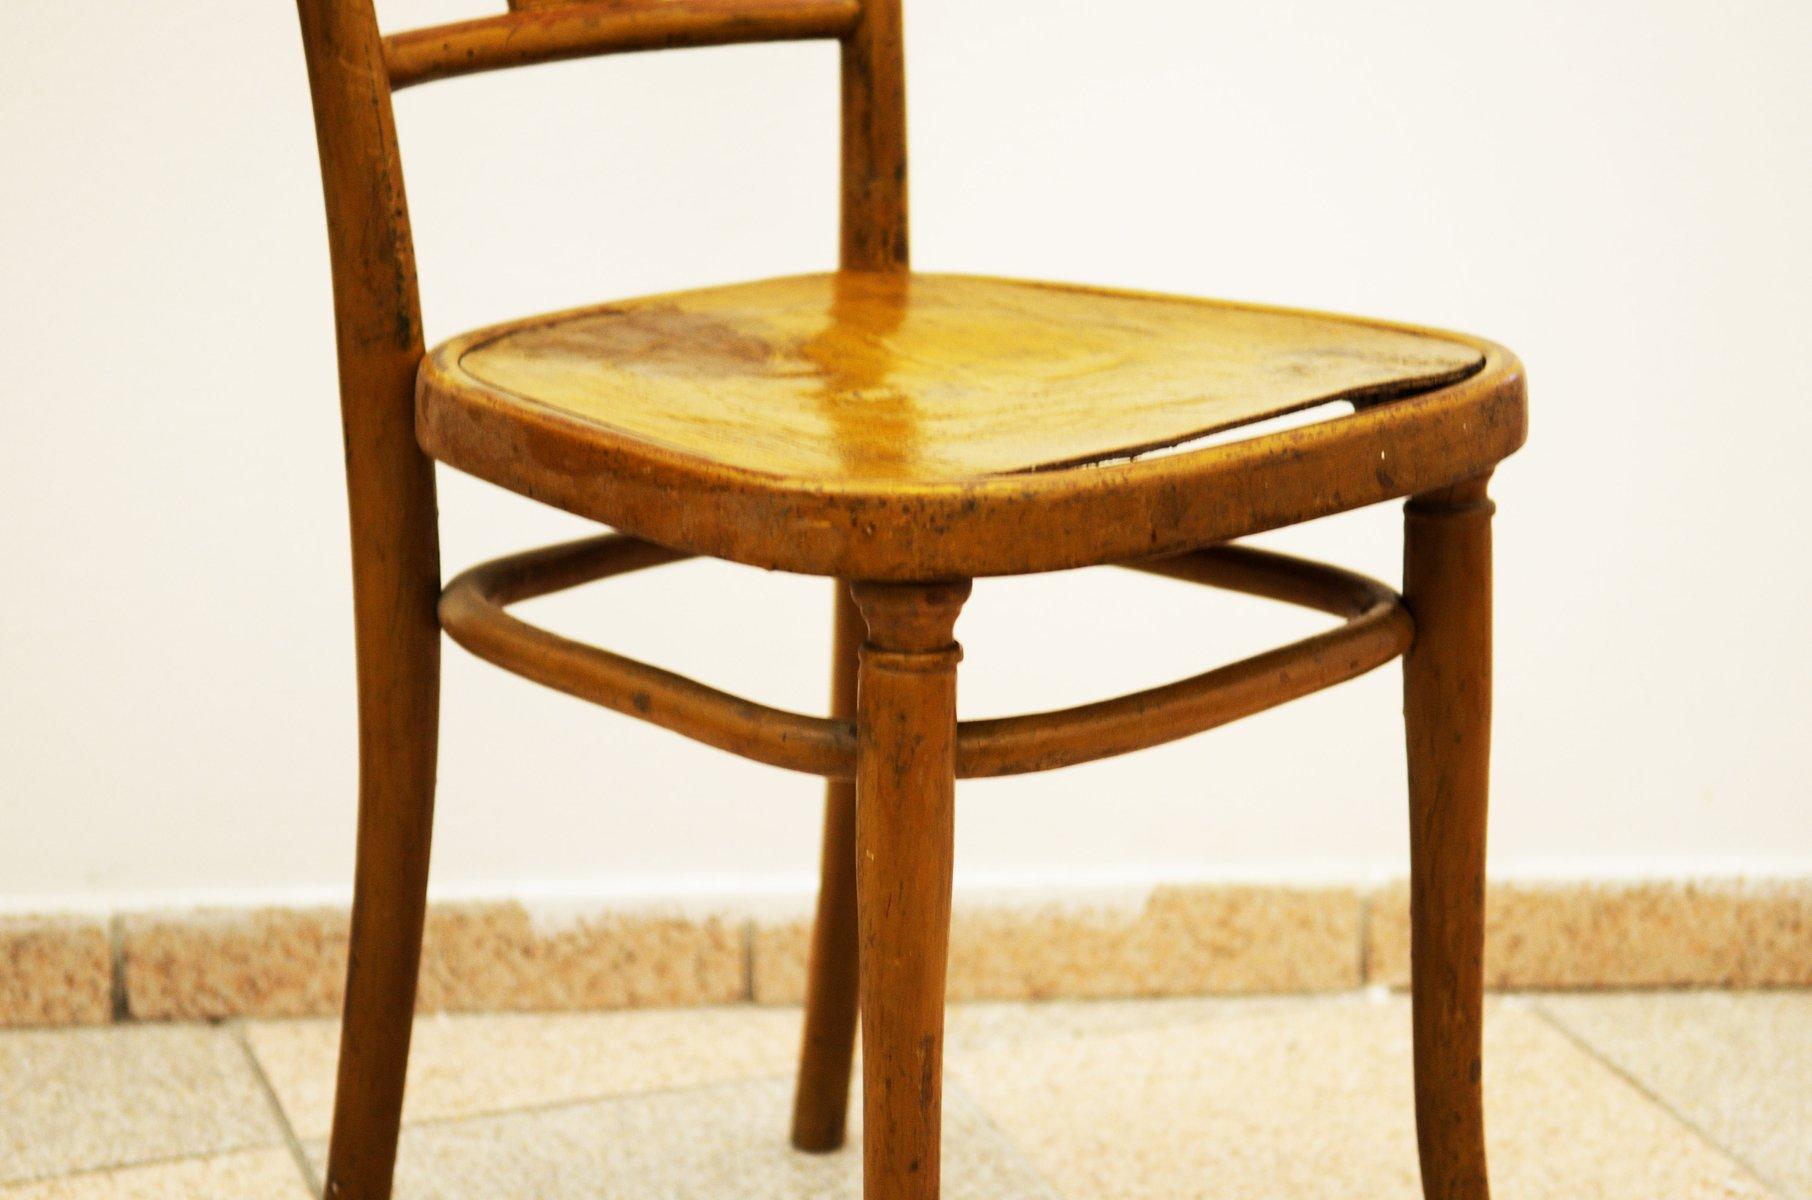 chaise n 221 de thonet 1900 en vente sur pamono. Black Bedroom Furniture Sets. Home Design Ideas